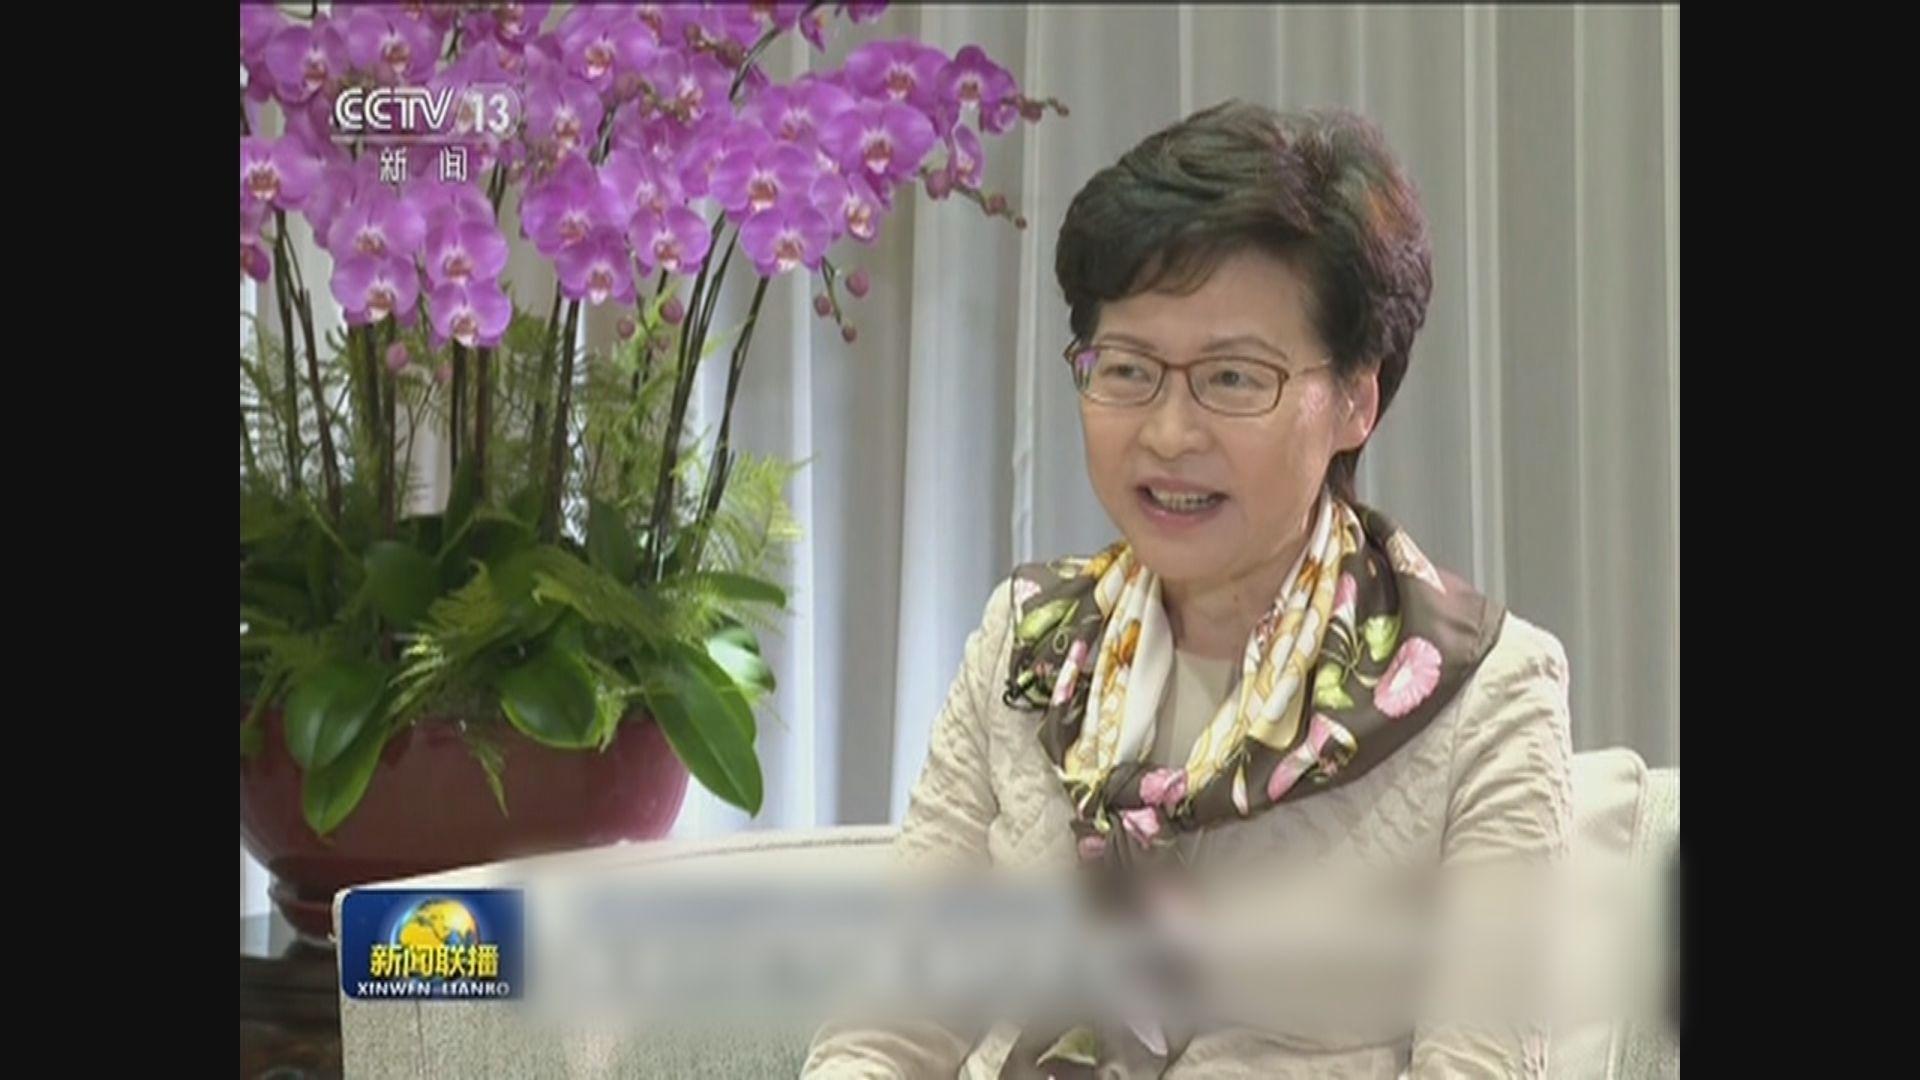 林鄭接受央視訪問 指港區國安法令香港長期繁榮穩定